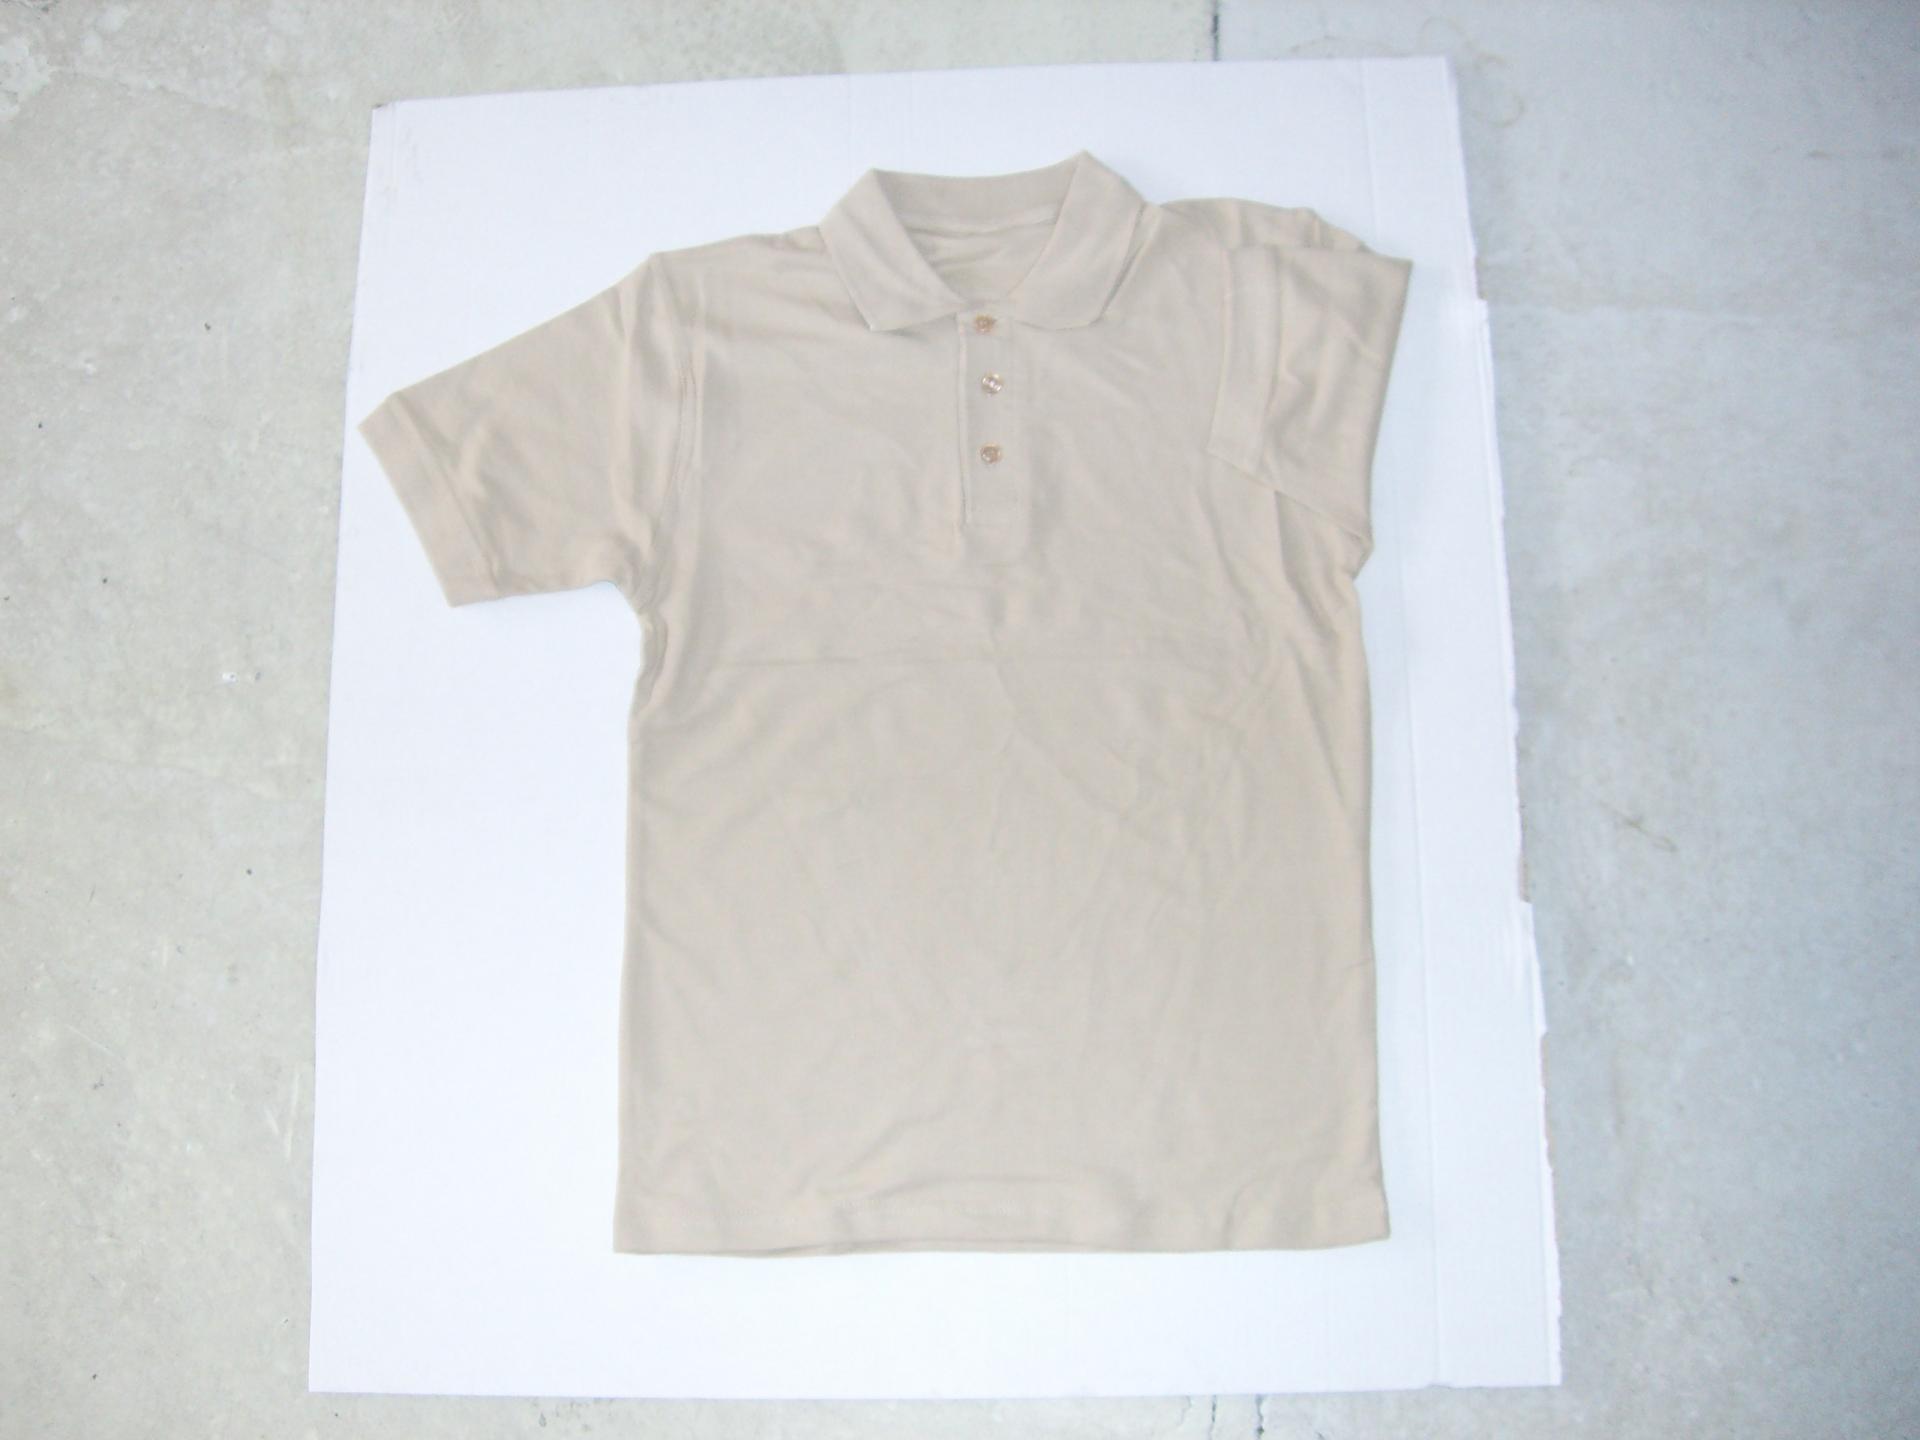 Firmatøj uden tryk ubrugt: 2 par Rio bukser, grå, str. 54